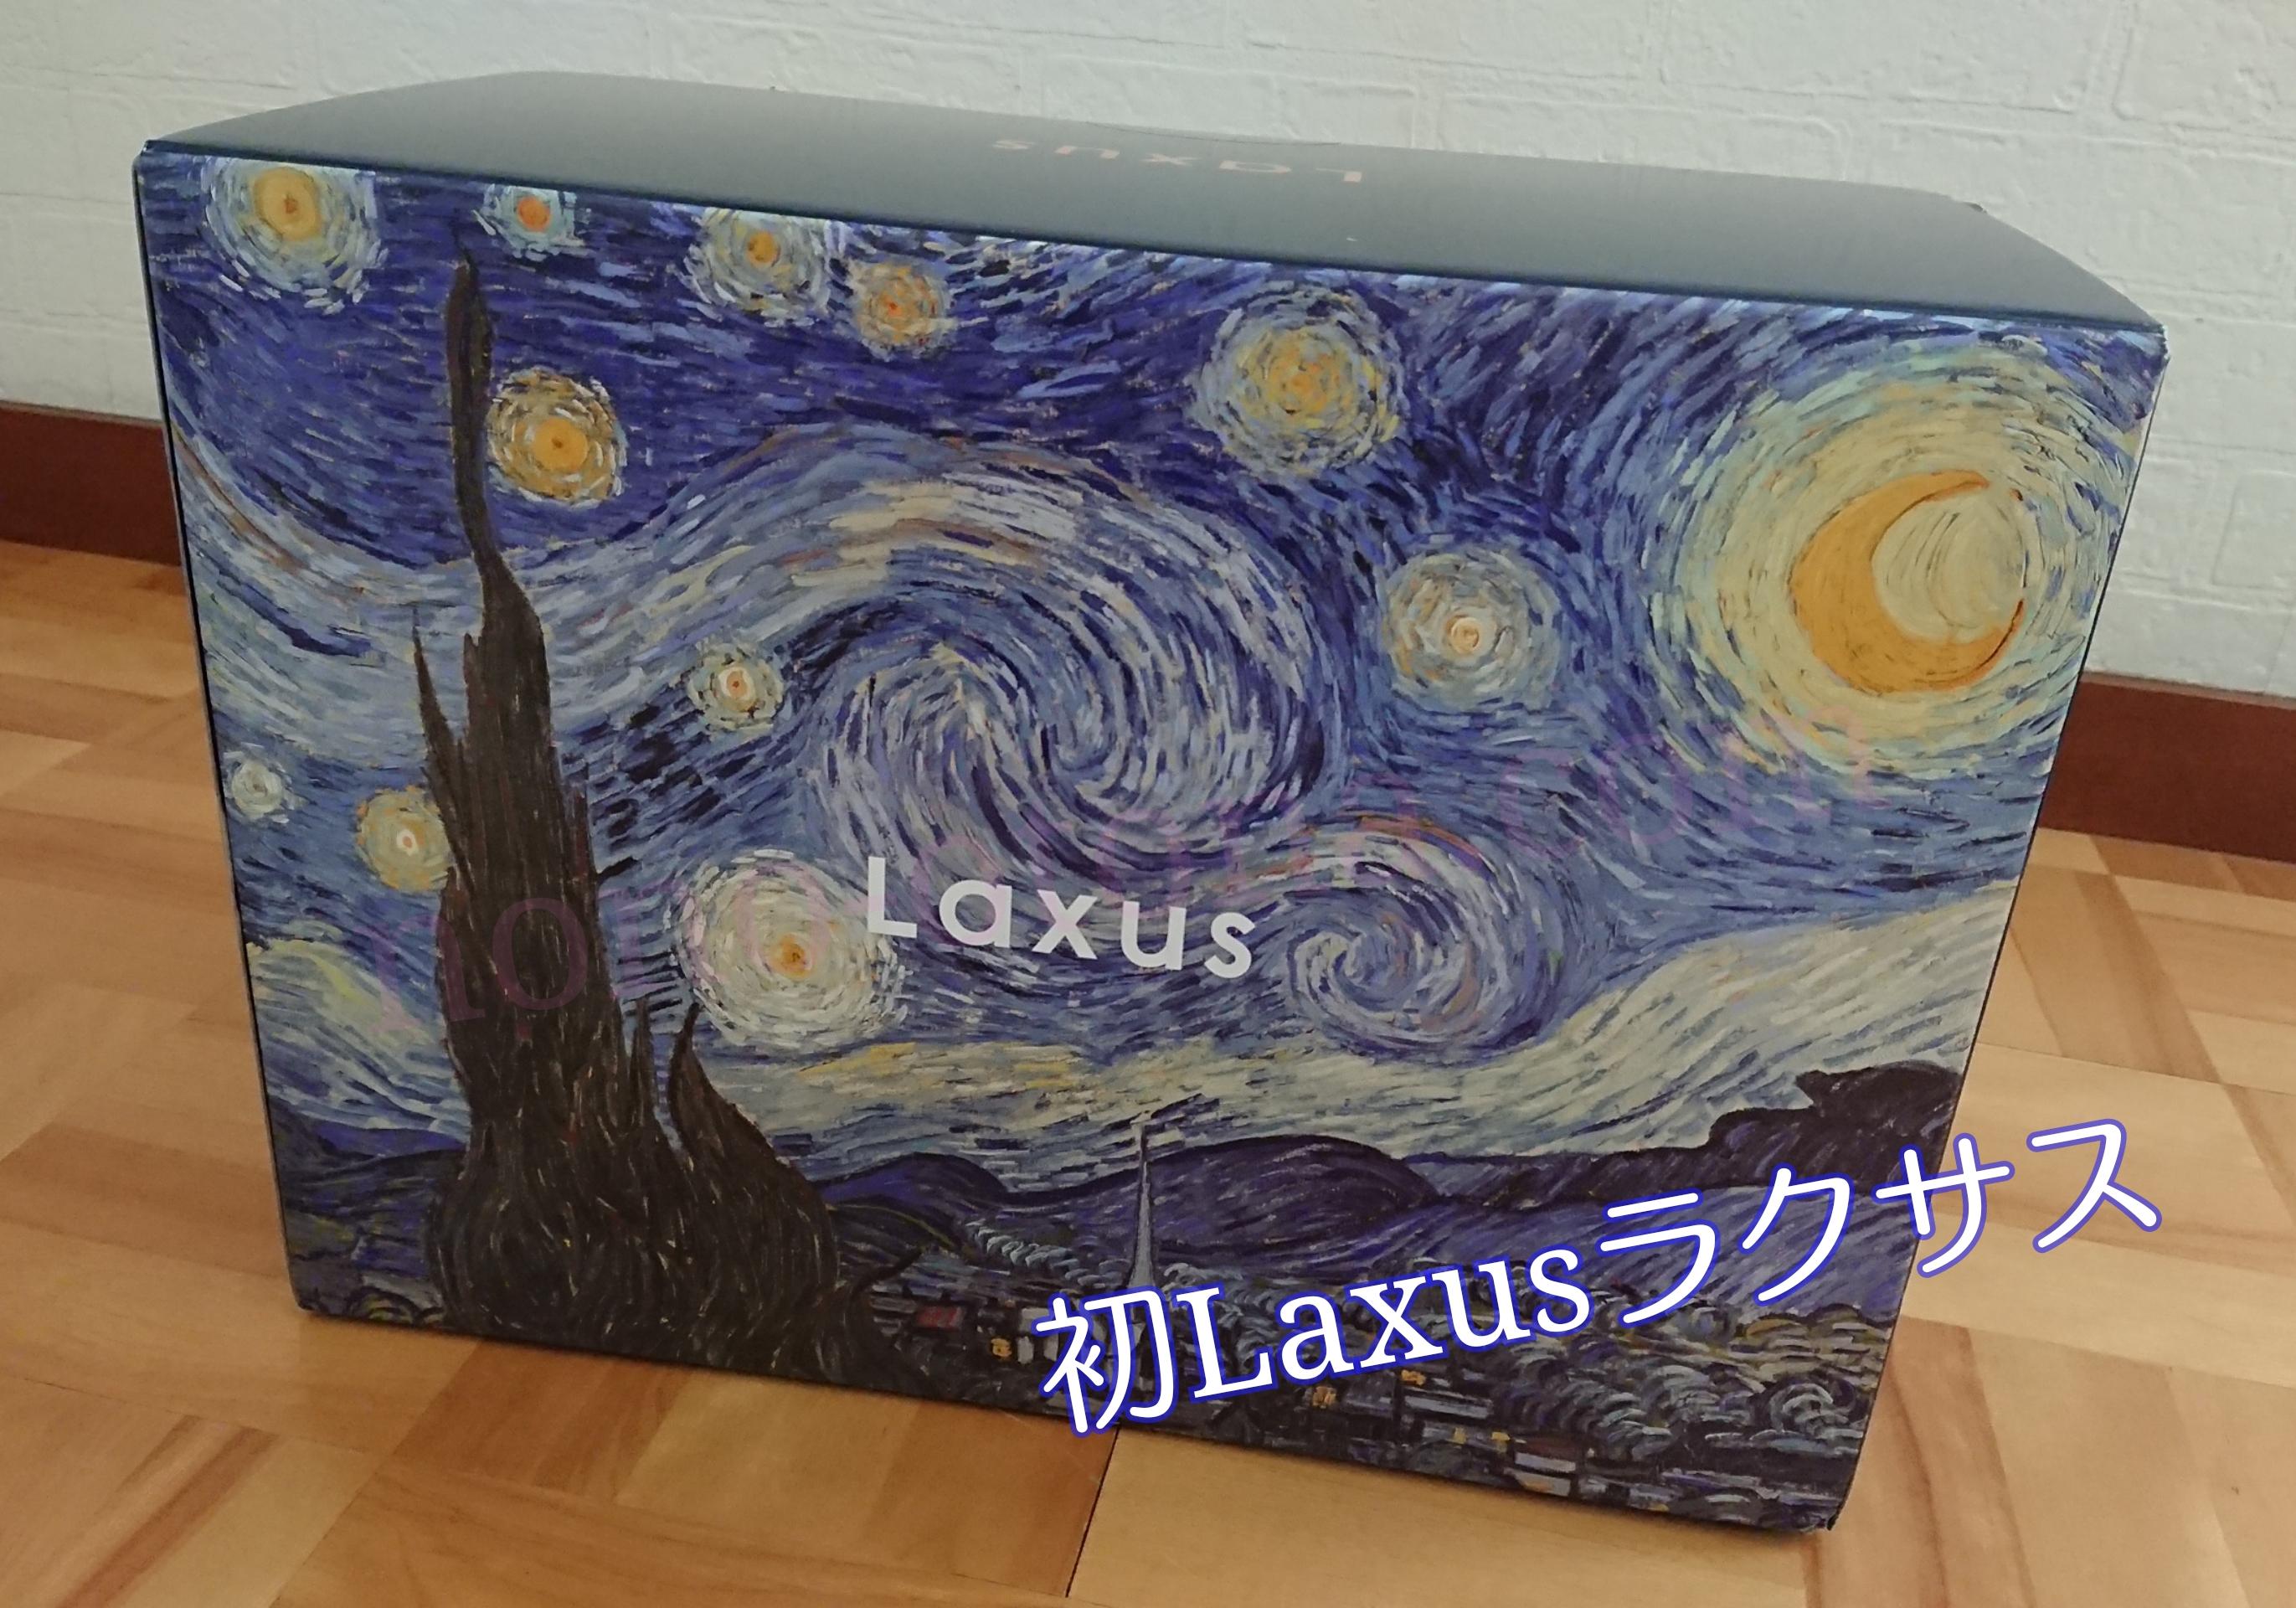 Laxus(ラクサス)の感想!ブランドバッグ借り放題を利用してみた!